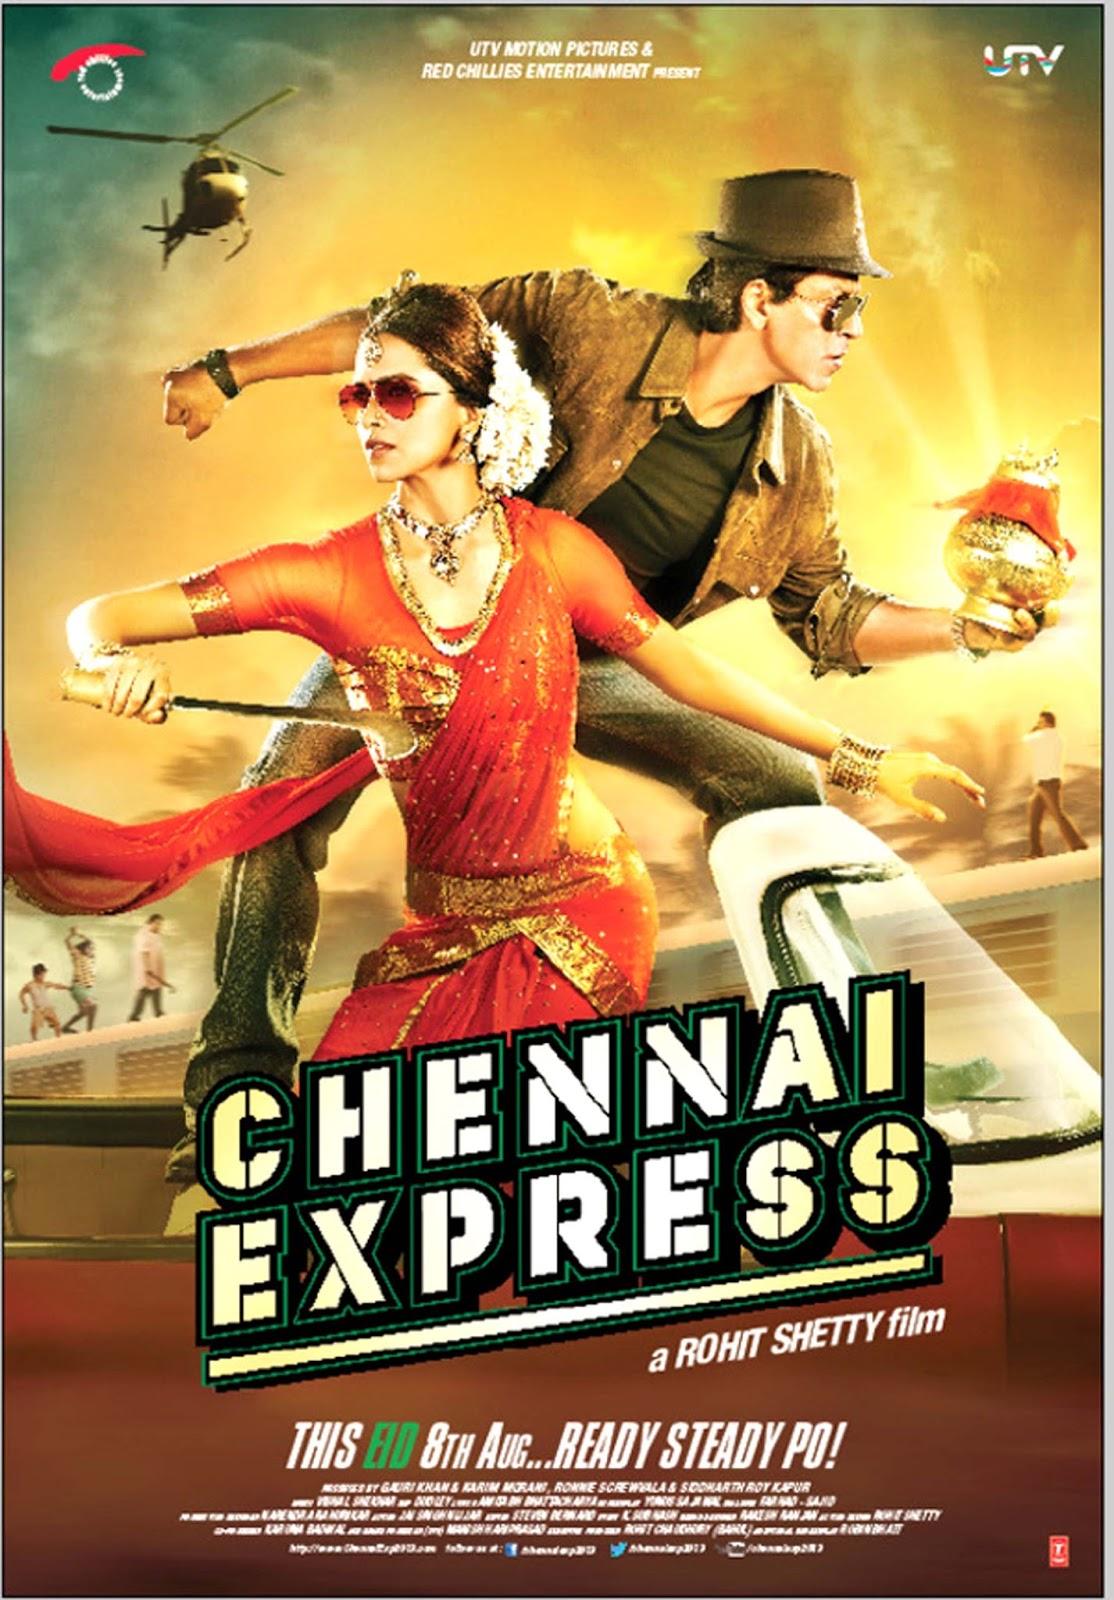 chennai express full movie deutsch